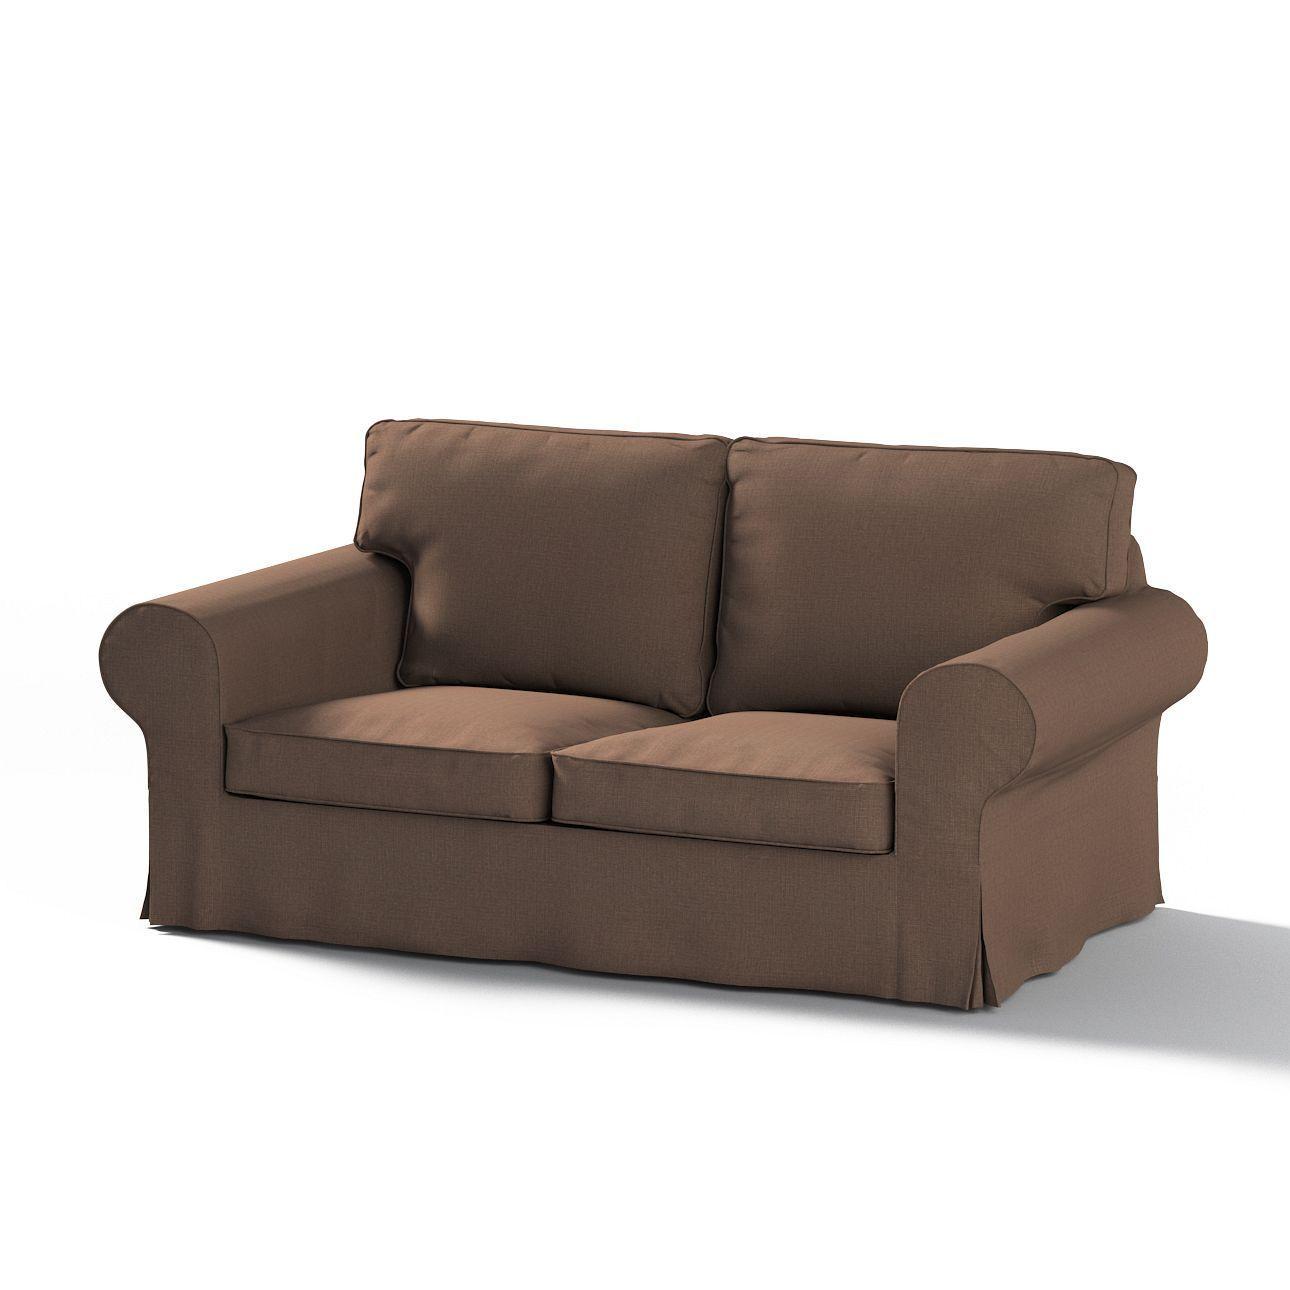 Full Size of Ektorp 2 Sitzer Sofabezug Nicht Ausklappbar Sofa Bezug Bett Ausklappbares Wohnzimmer Couch Ausklappbar